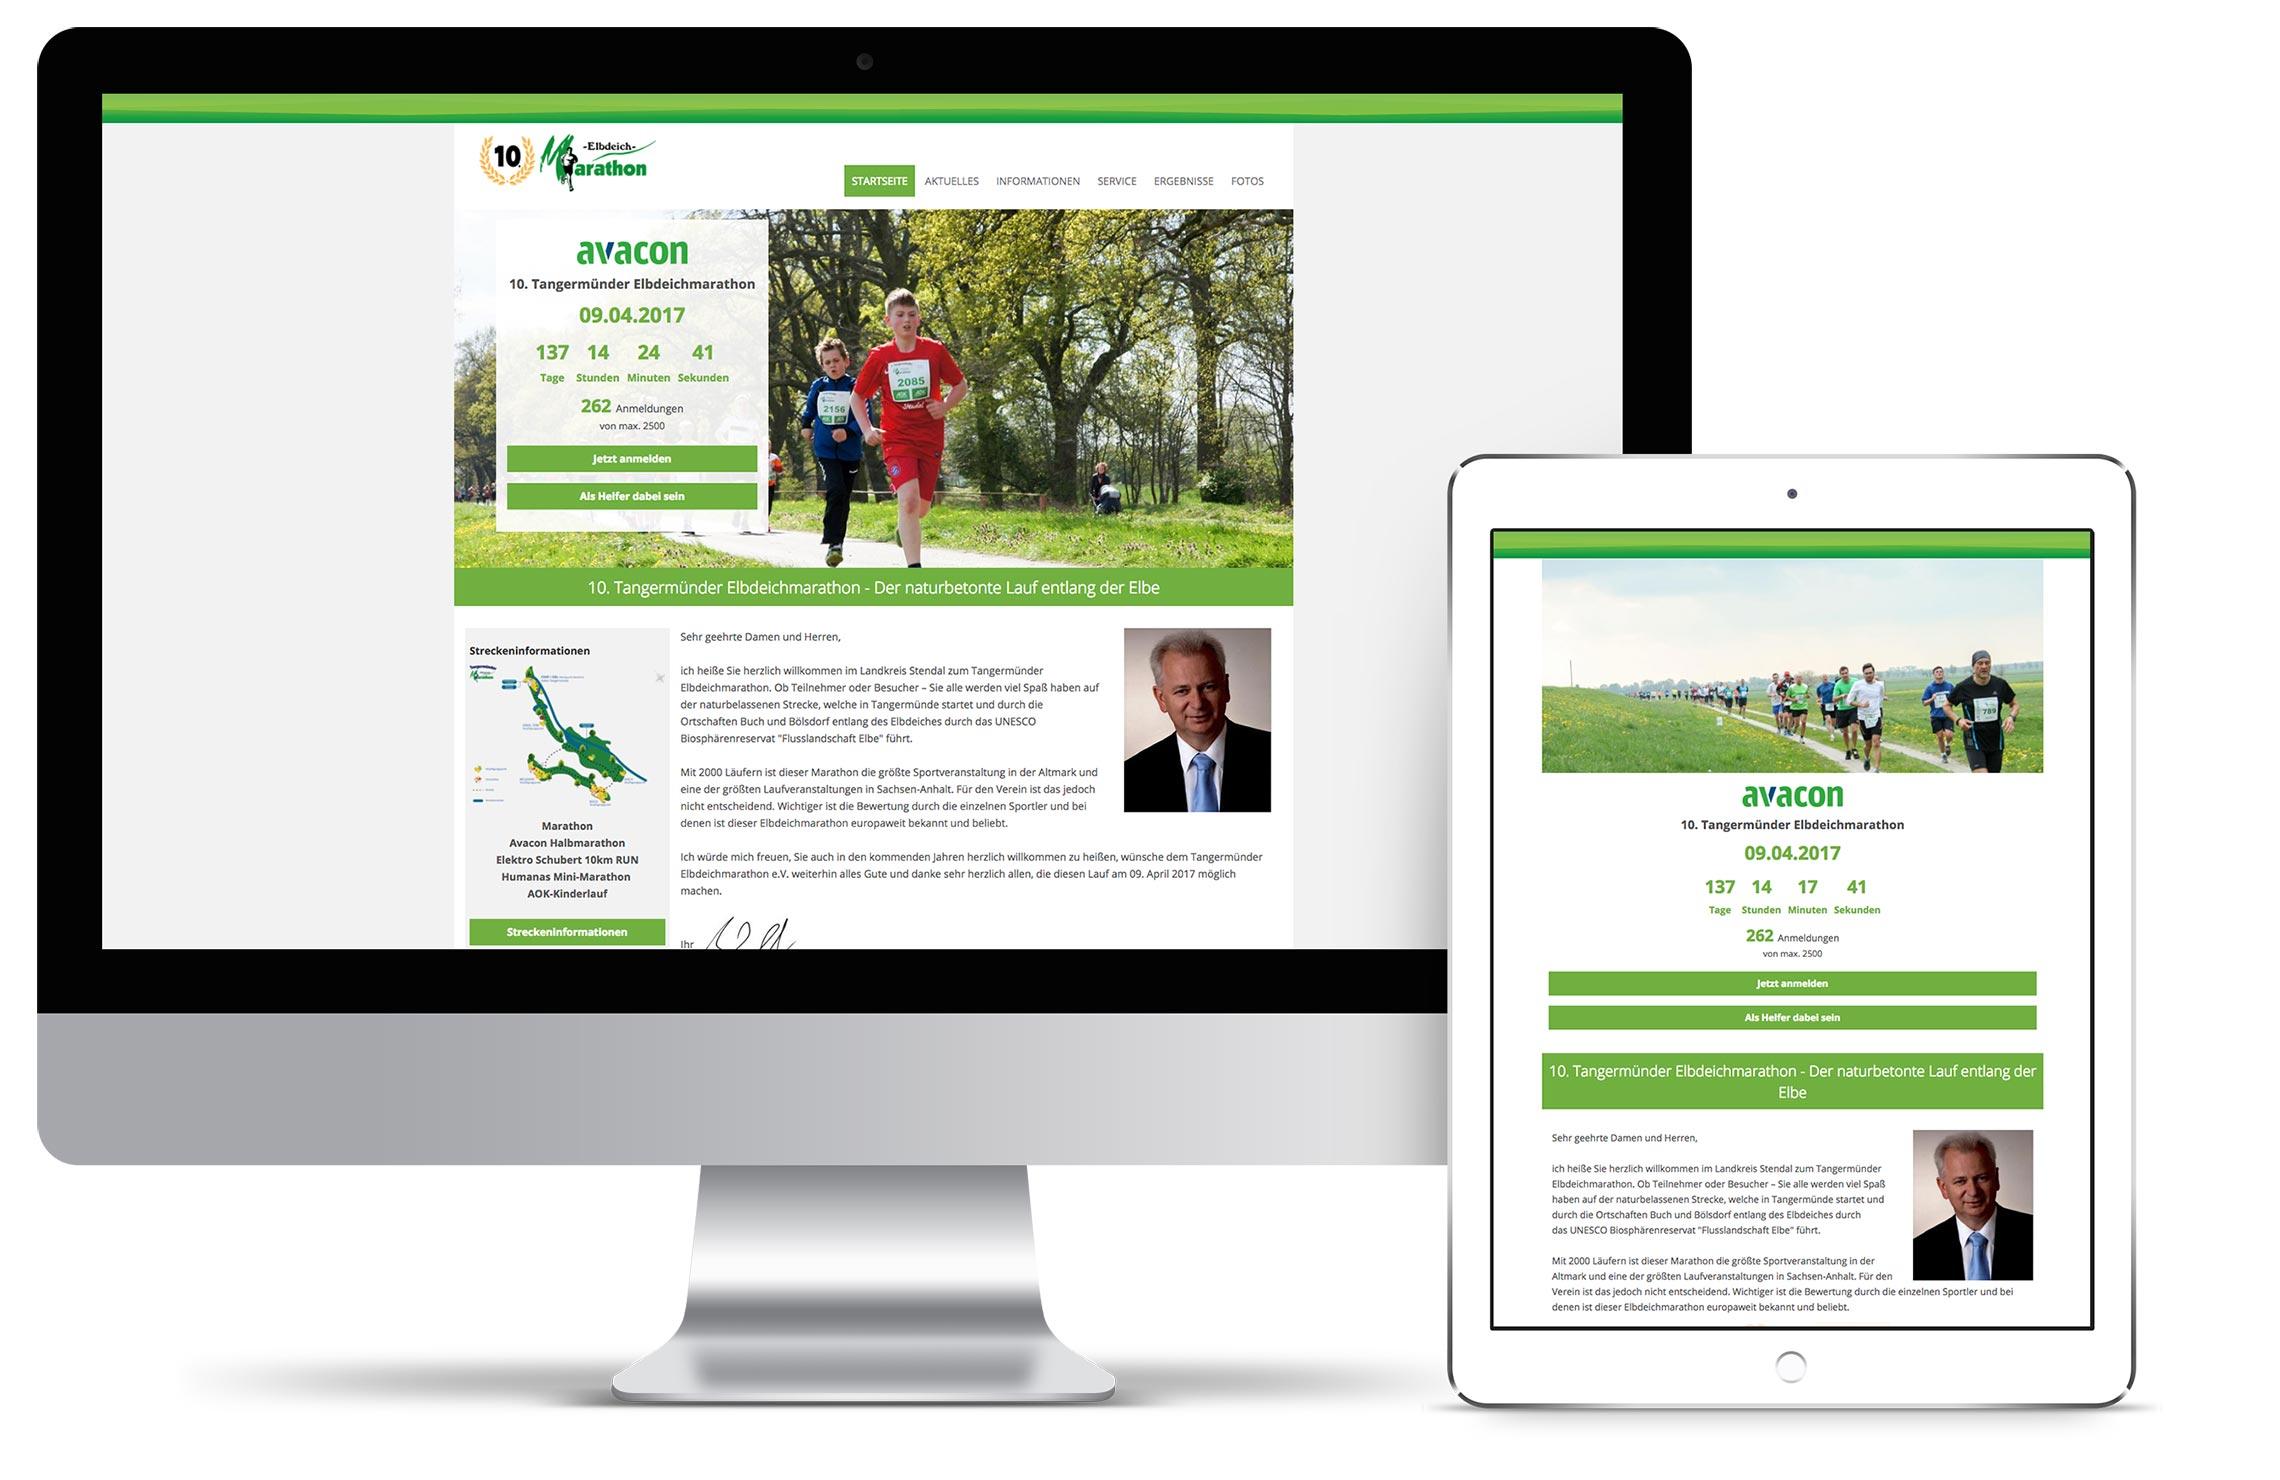 Referenz-Mockup Elbdeichmarathon zu Hosting und Domain